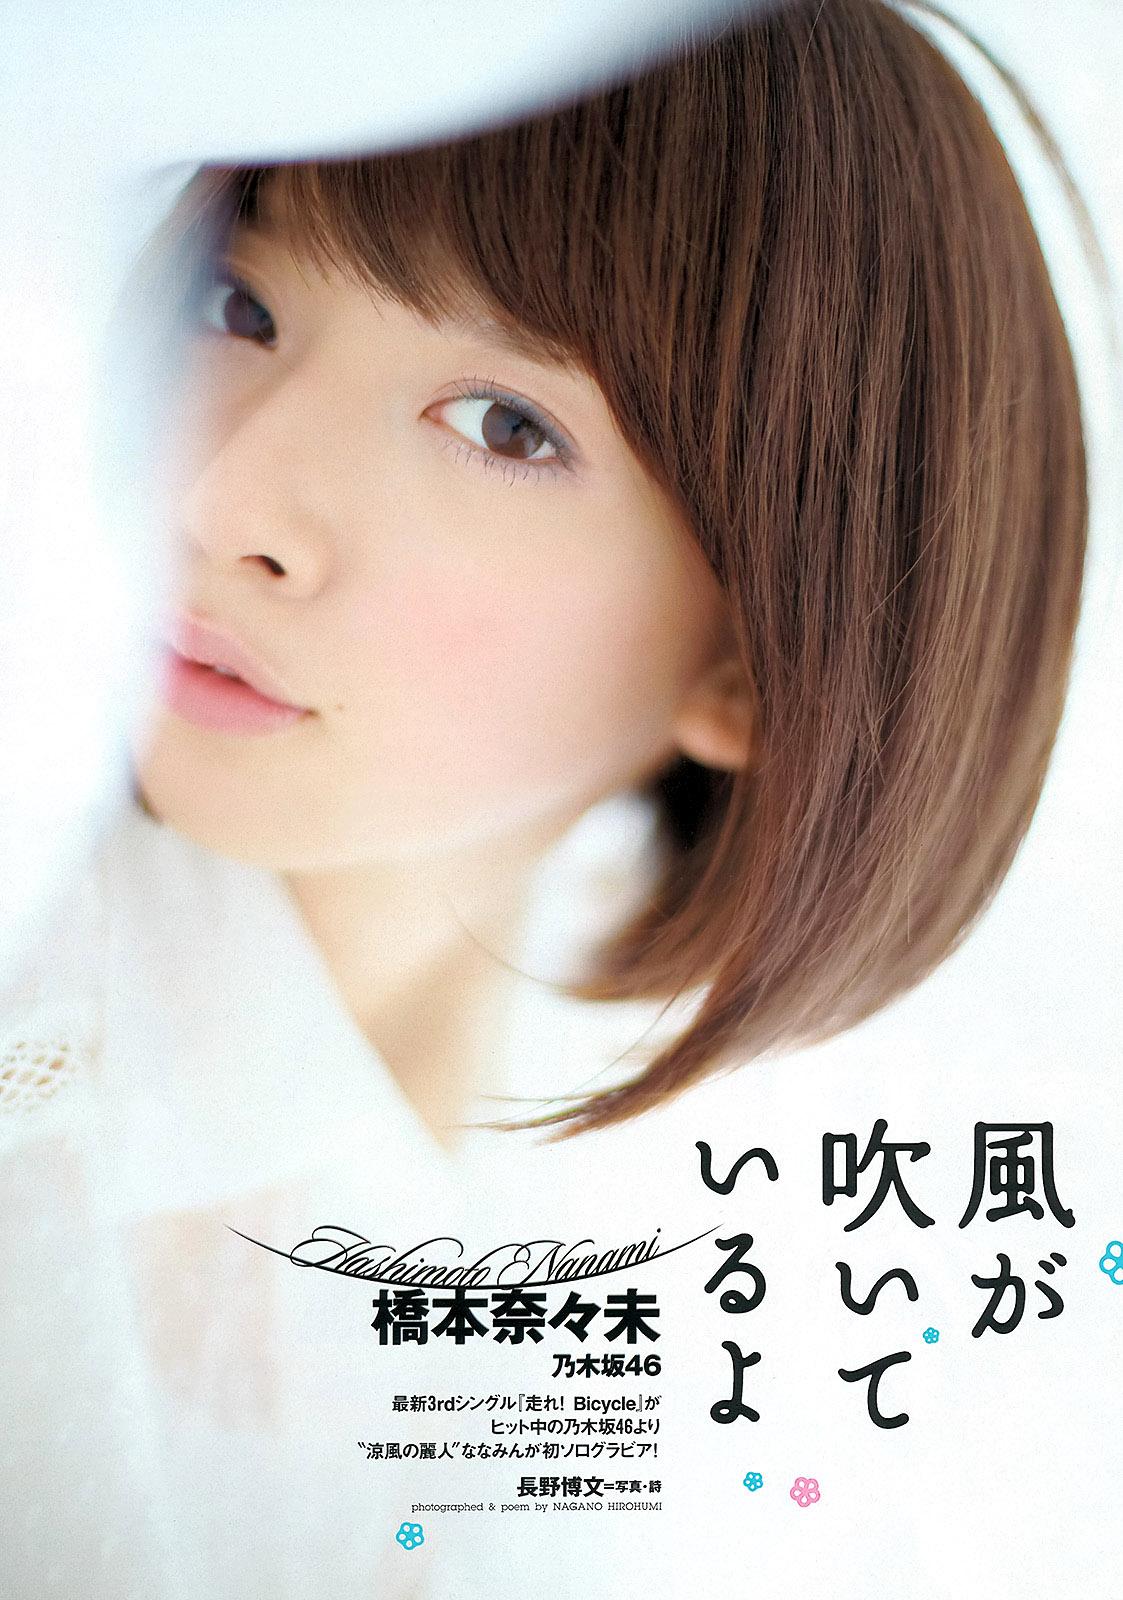 NHashimoto WPB 120917 01.jpg